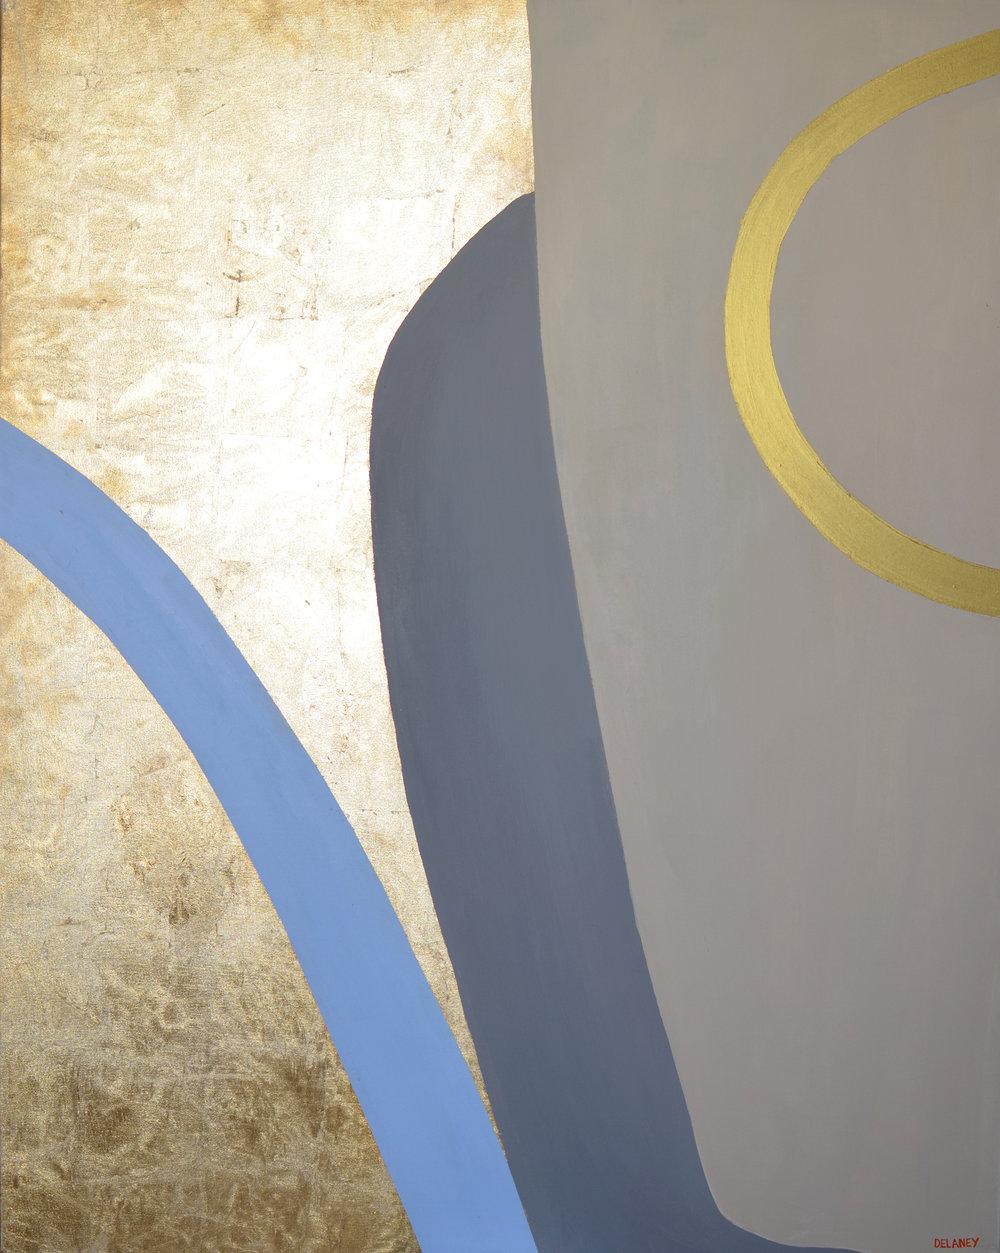 Club Triptych #3  Gold leaf and acrylic on canvas (161x121cm)